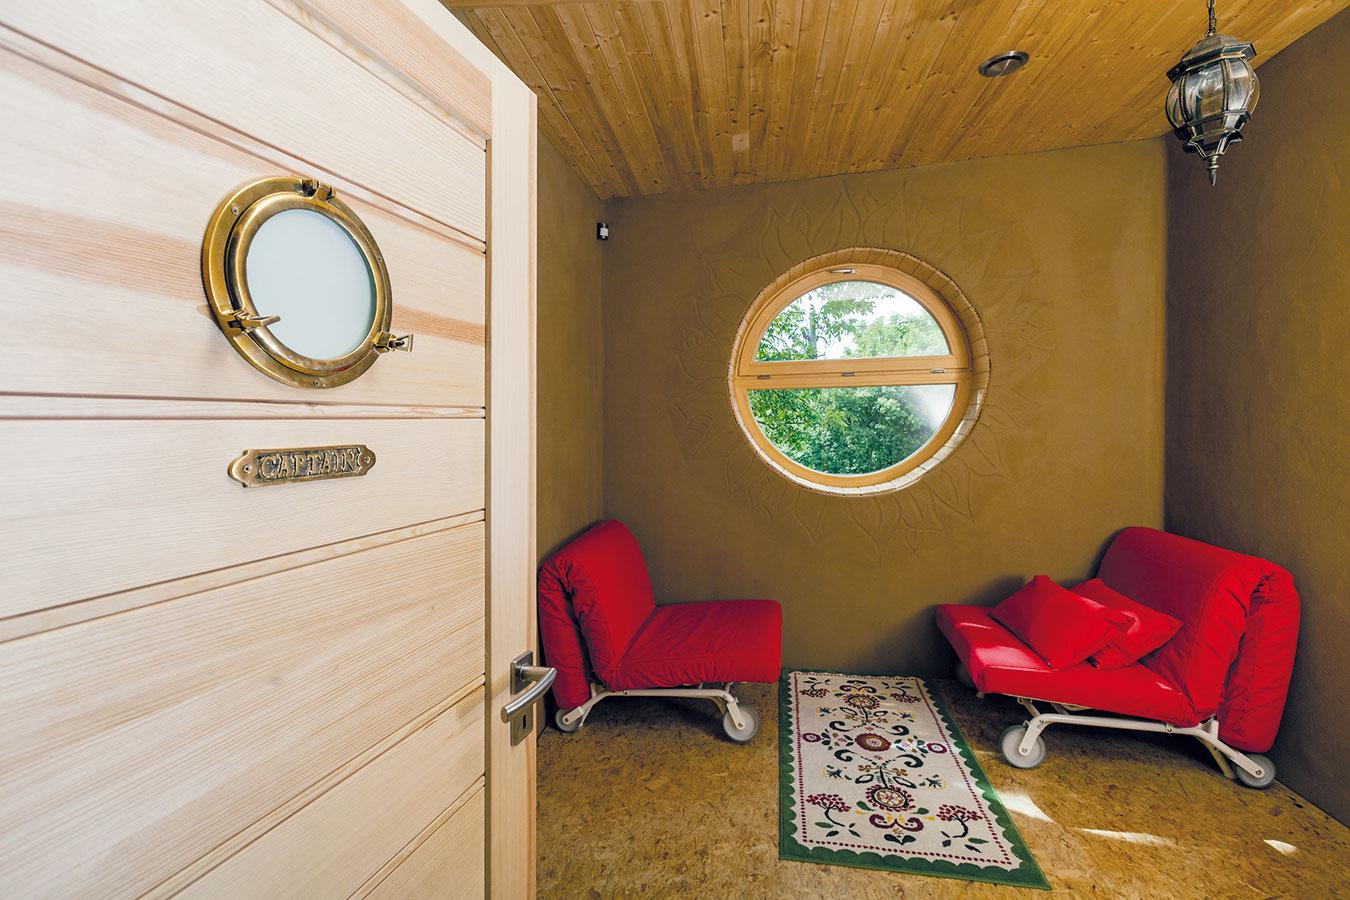 Hosťovskej izbe dominuje okrúhle okno podobné tým na lodiach, ktoré si presadila majiteľka apre ktoré túto miestnosť nazývajú kajuta. Aj preto sa rozhodli ladiť ju vmierne námorníckom duchu.